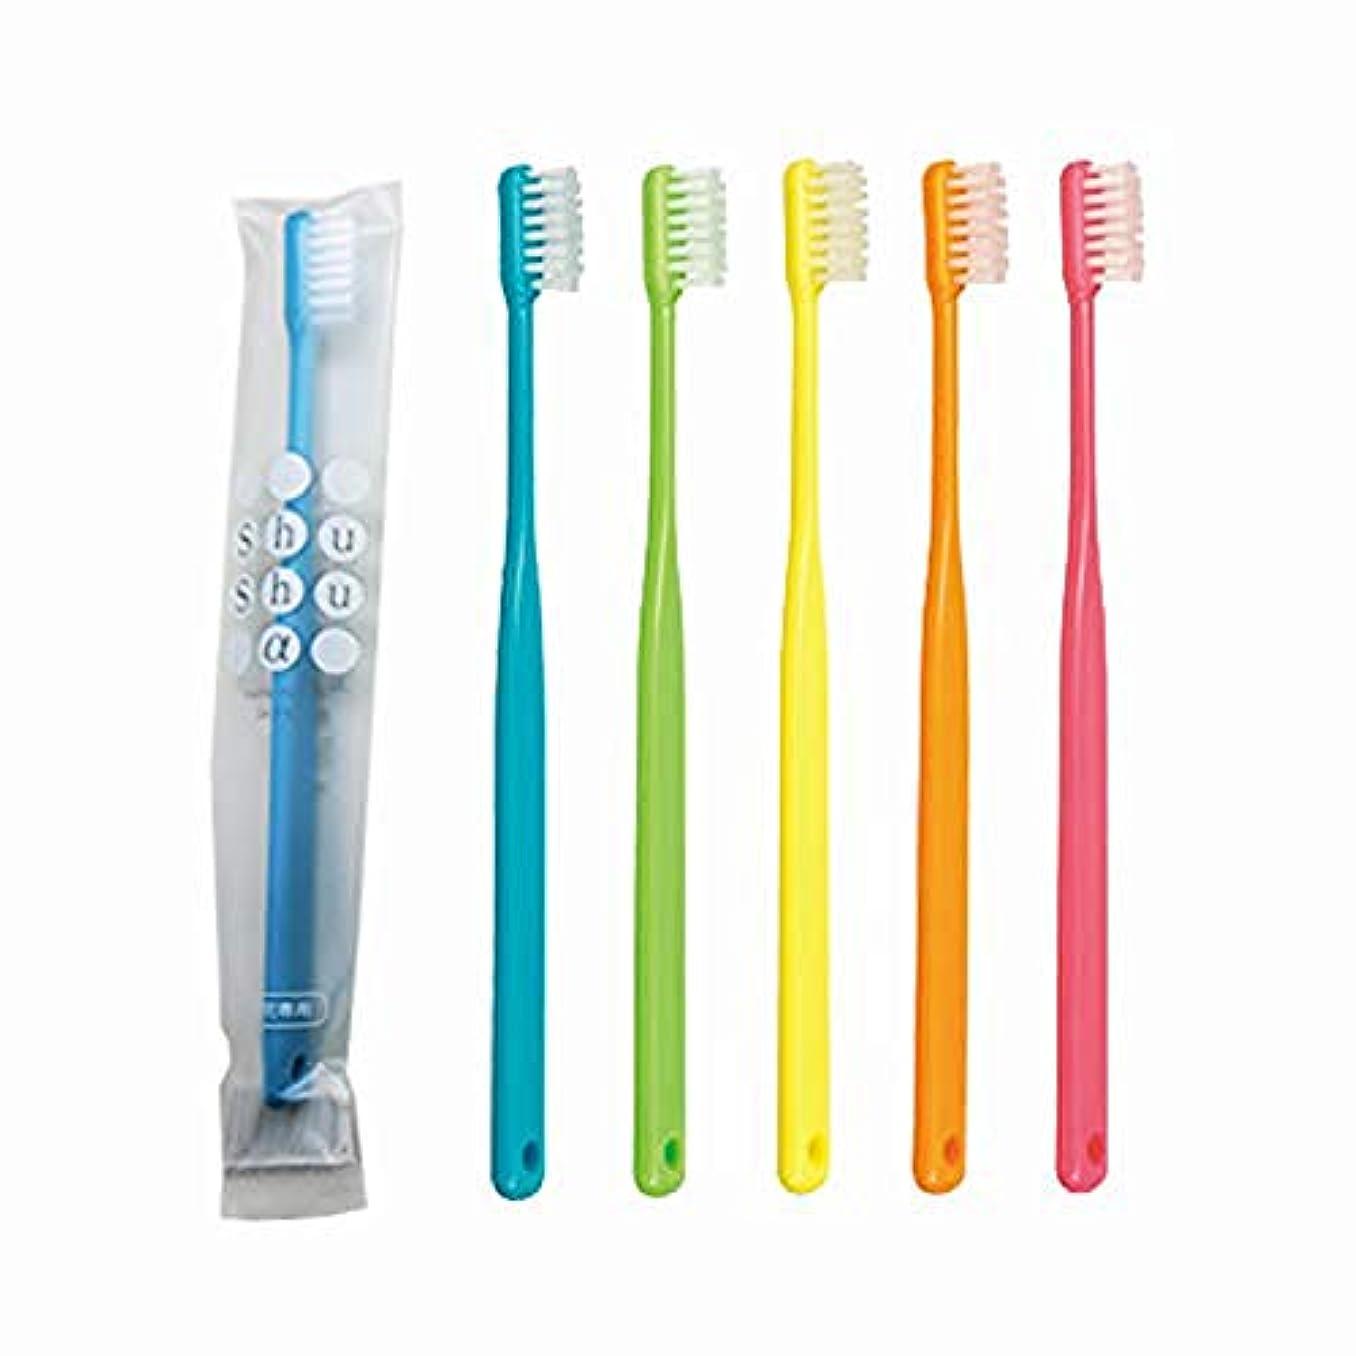 びん完璧な感じる歯科専売品 大人用歯ブラシ FEED Shu Shu α(シュシュアルファ)×10本 M(ふつう)